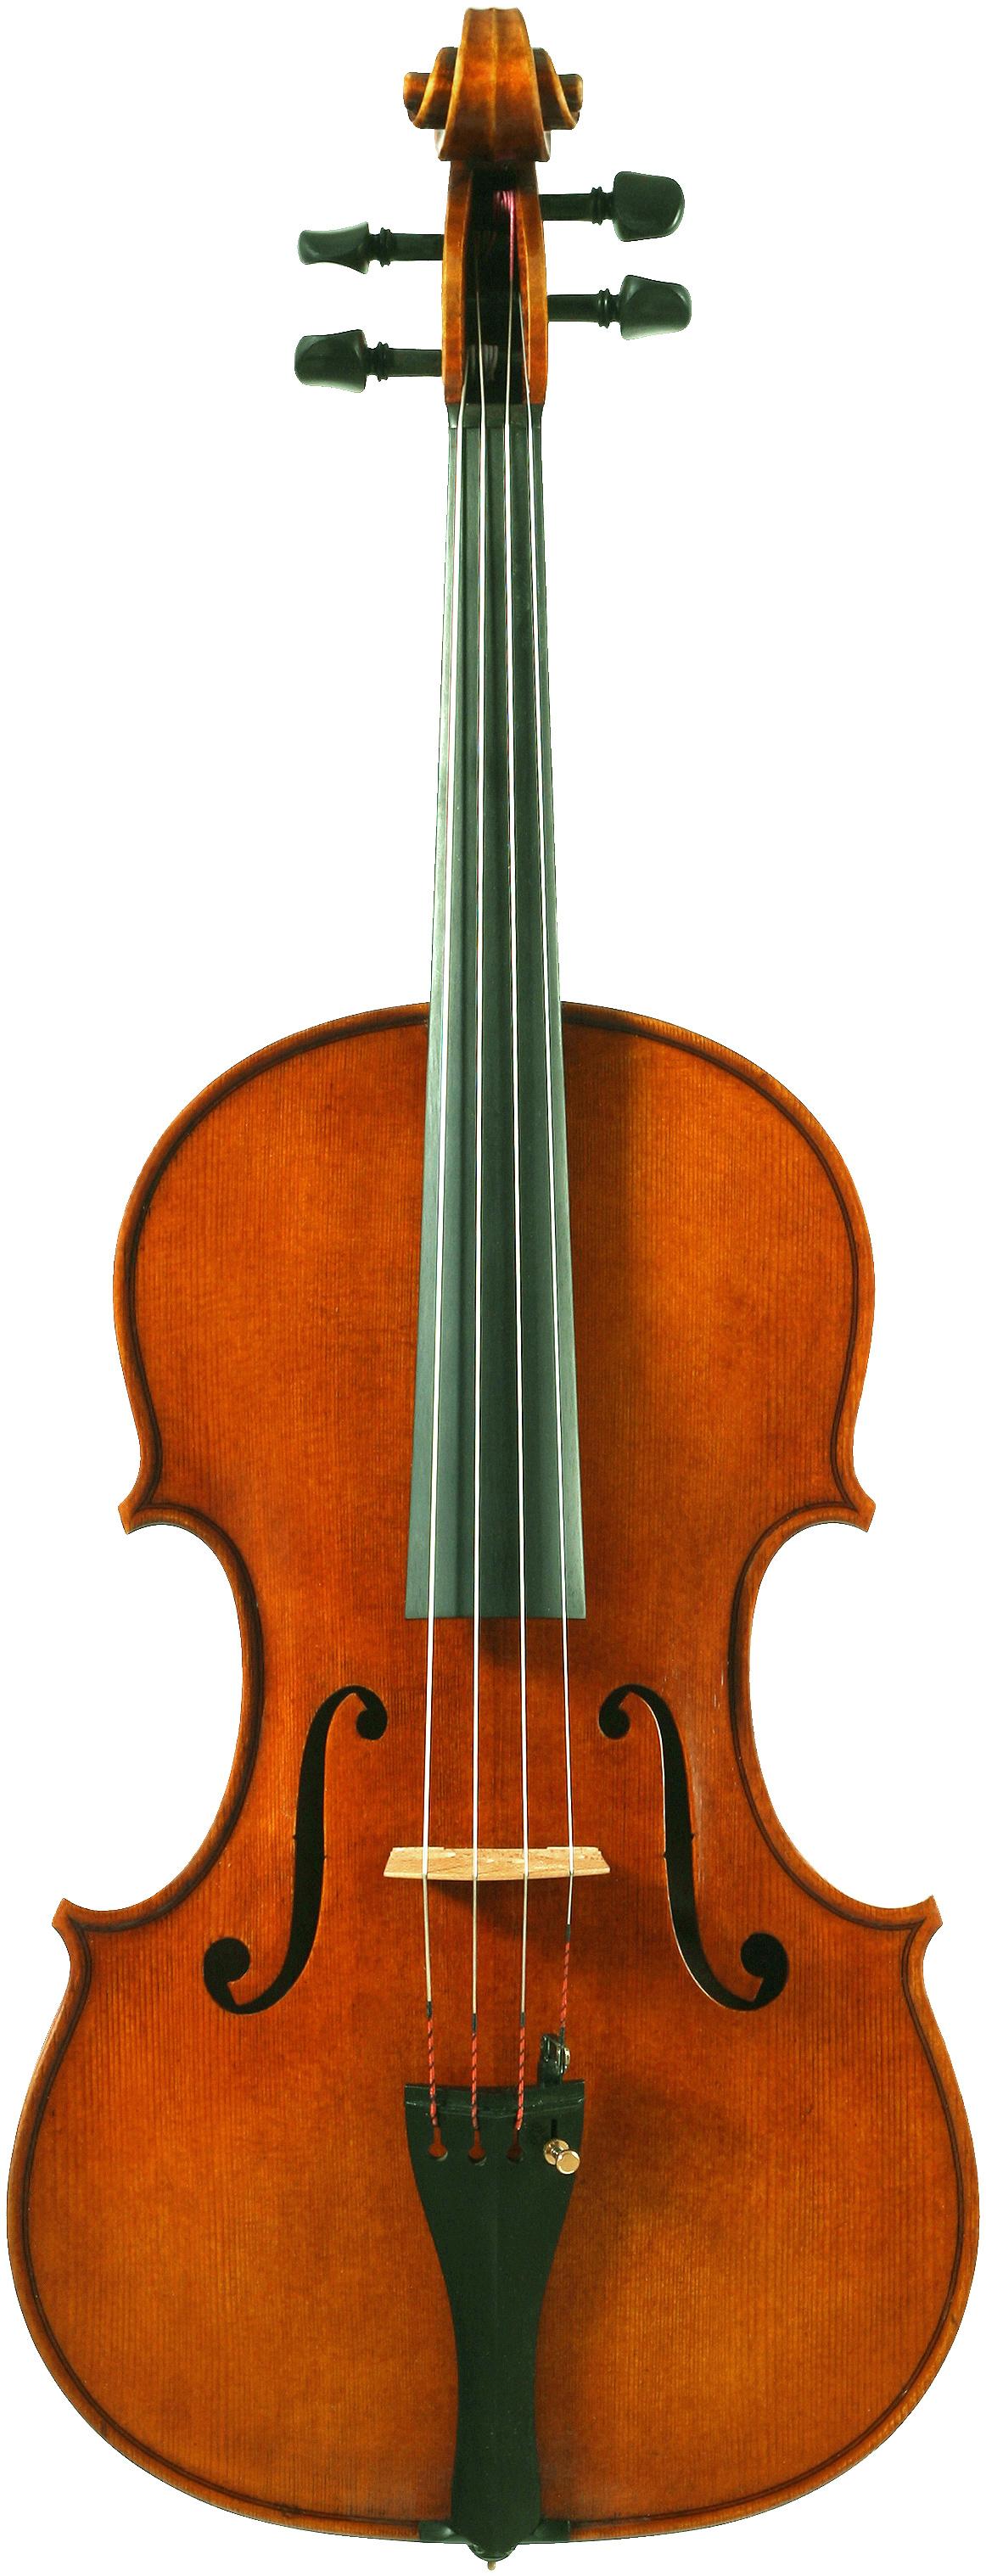 Bobak Violino Violin Maker And Dealer In Fine